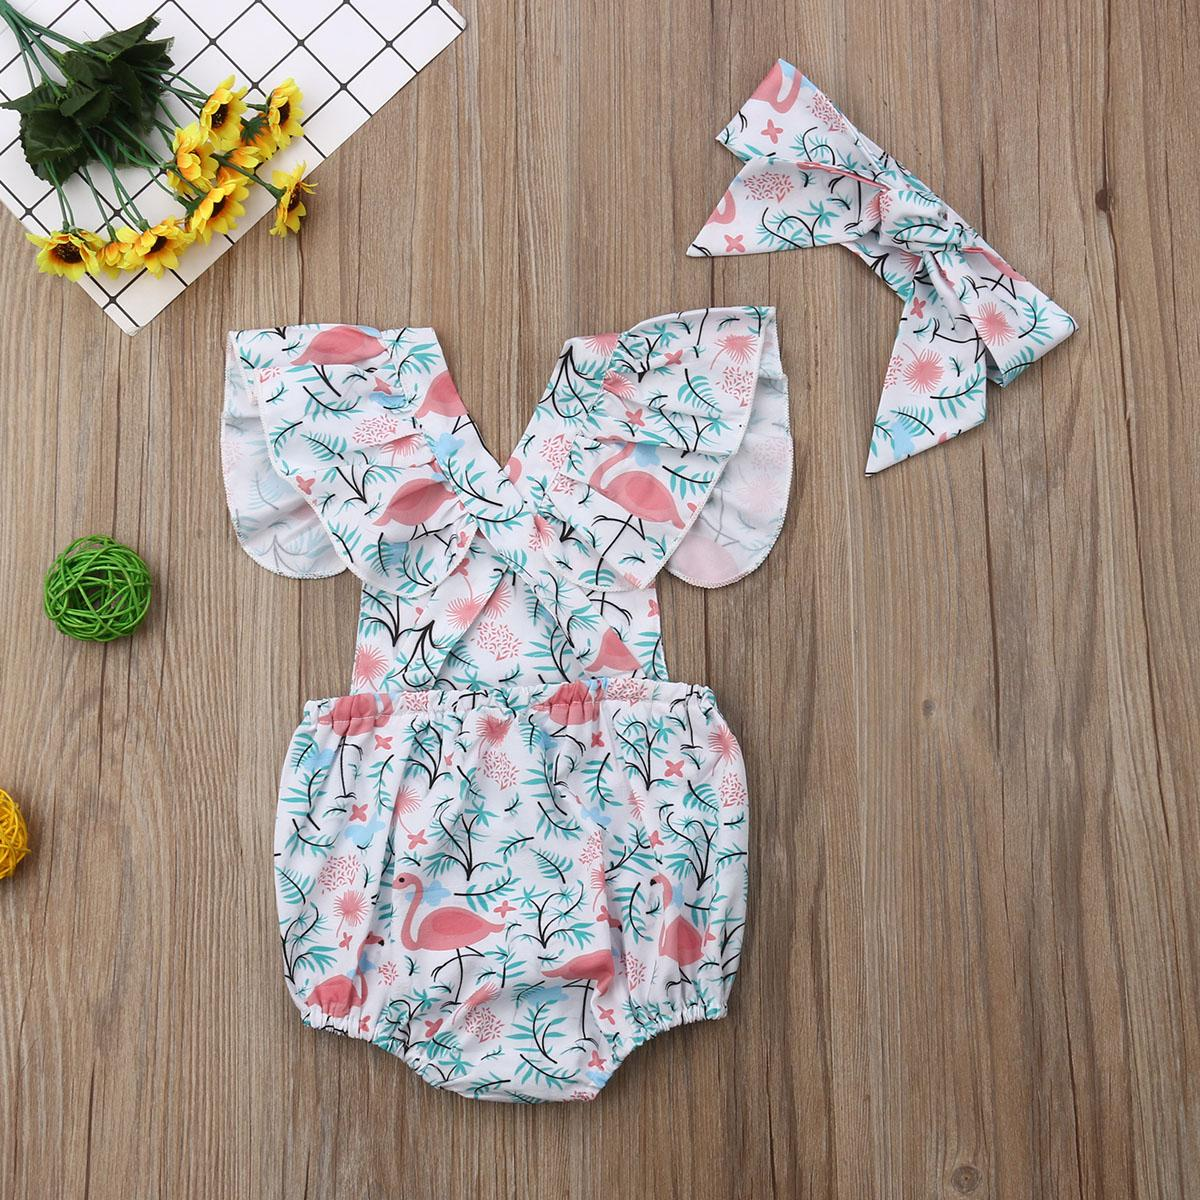 Collar nuevo de la manera de los bebés recién nacidos Flamingos Plaza de dibujos animados Romper Focusnorm 0-24 M con banda de Equipos ropa del verano